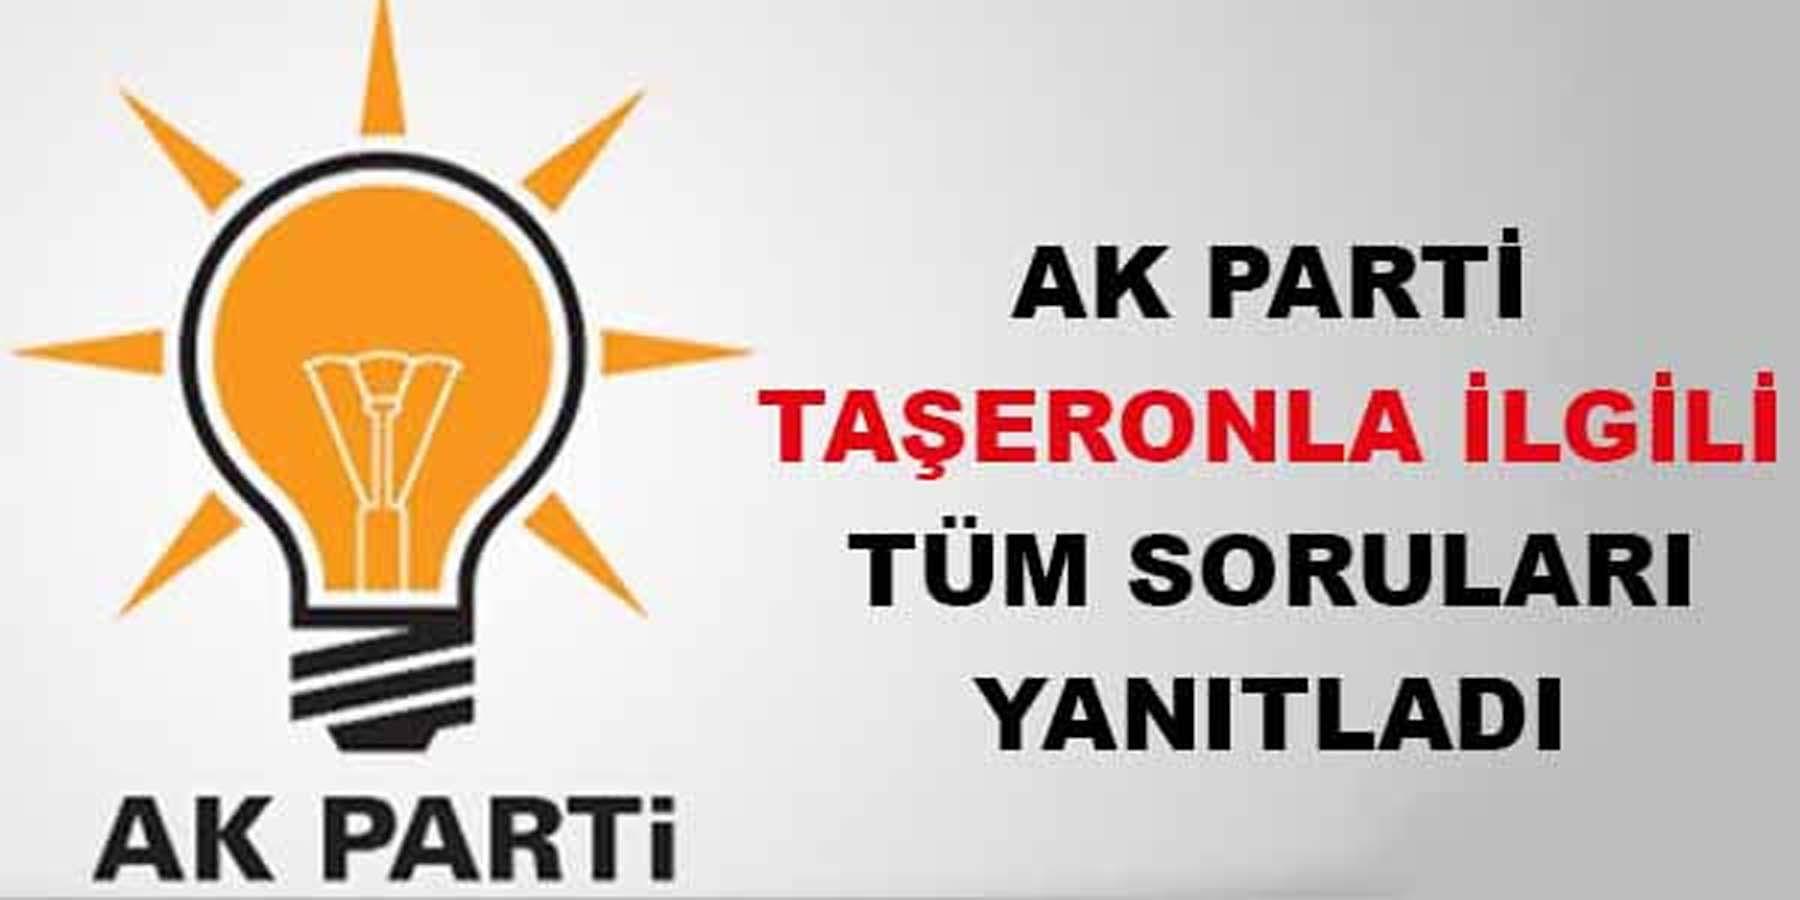 AK Parti Taşeron İşçilerle İlgili Tüm Soruları Yanıtladı